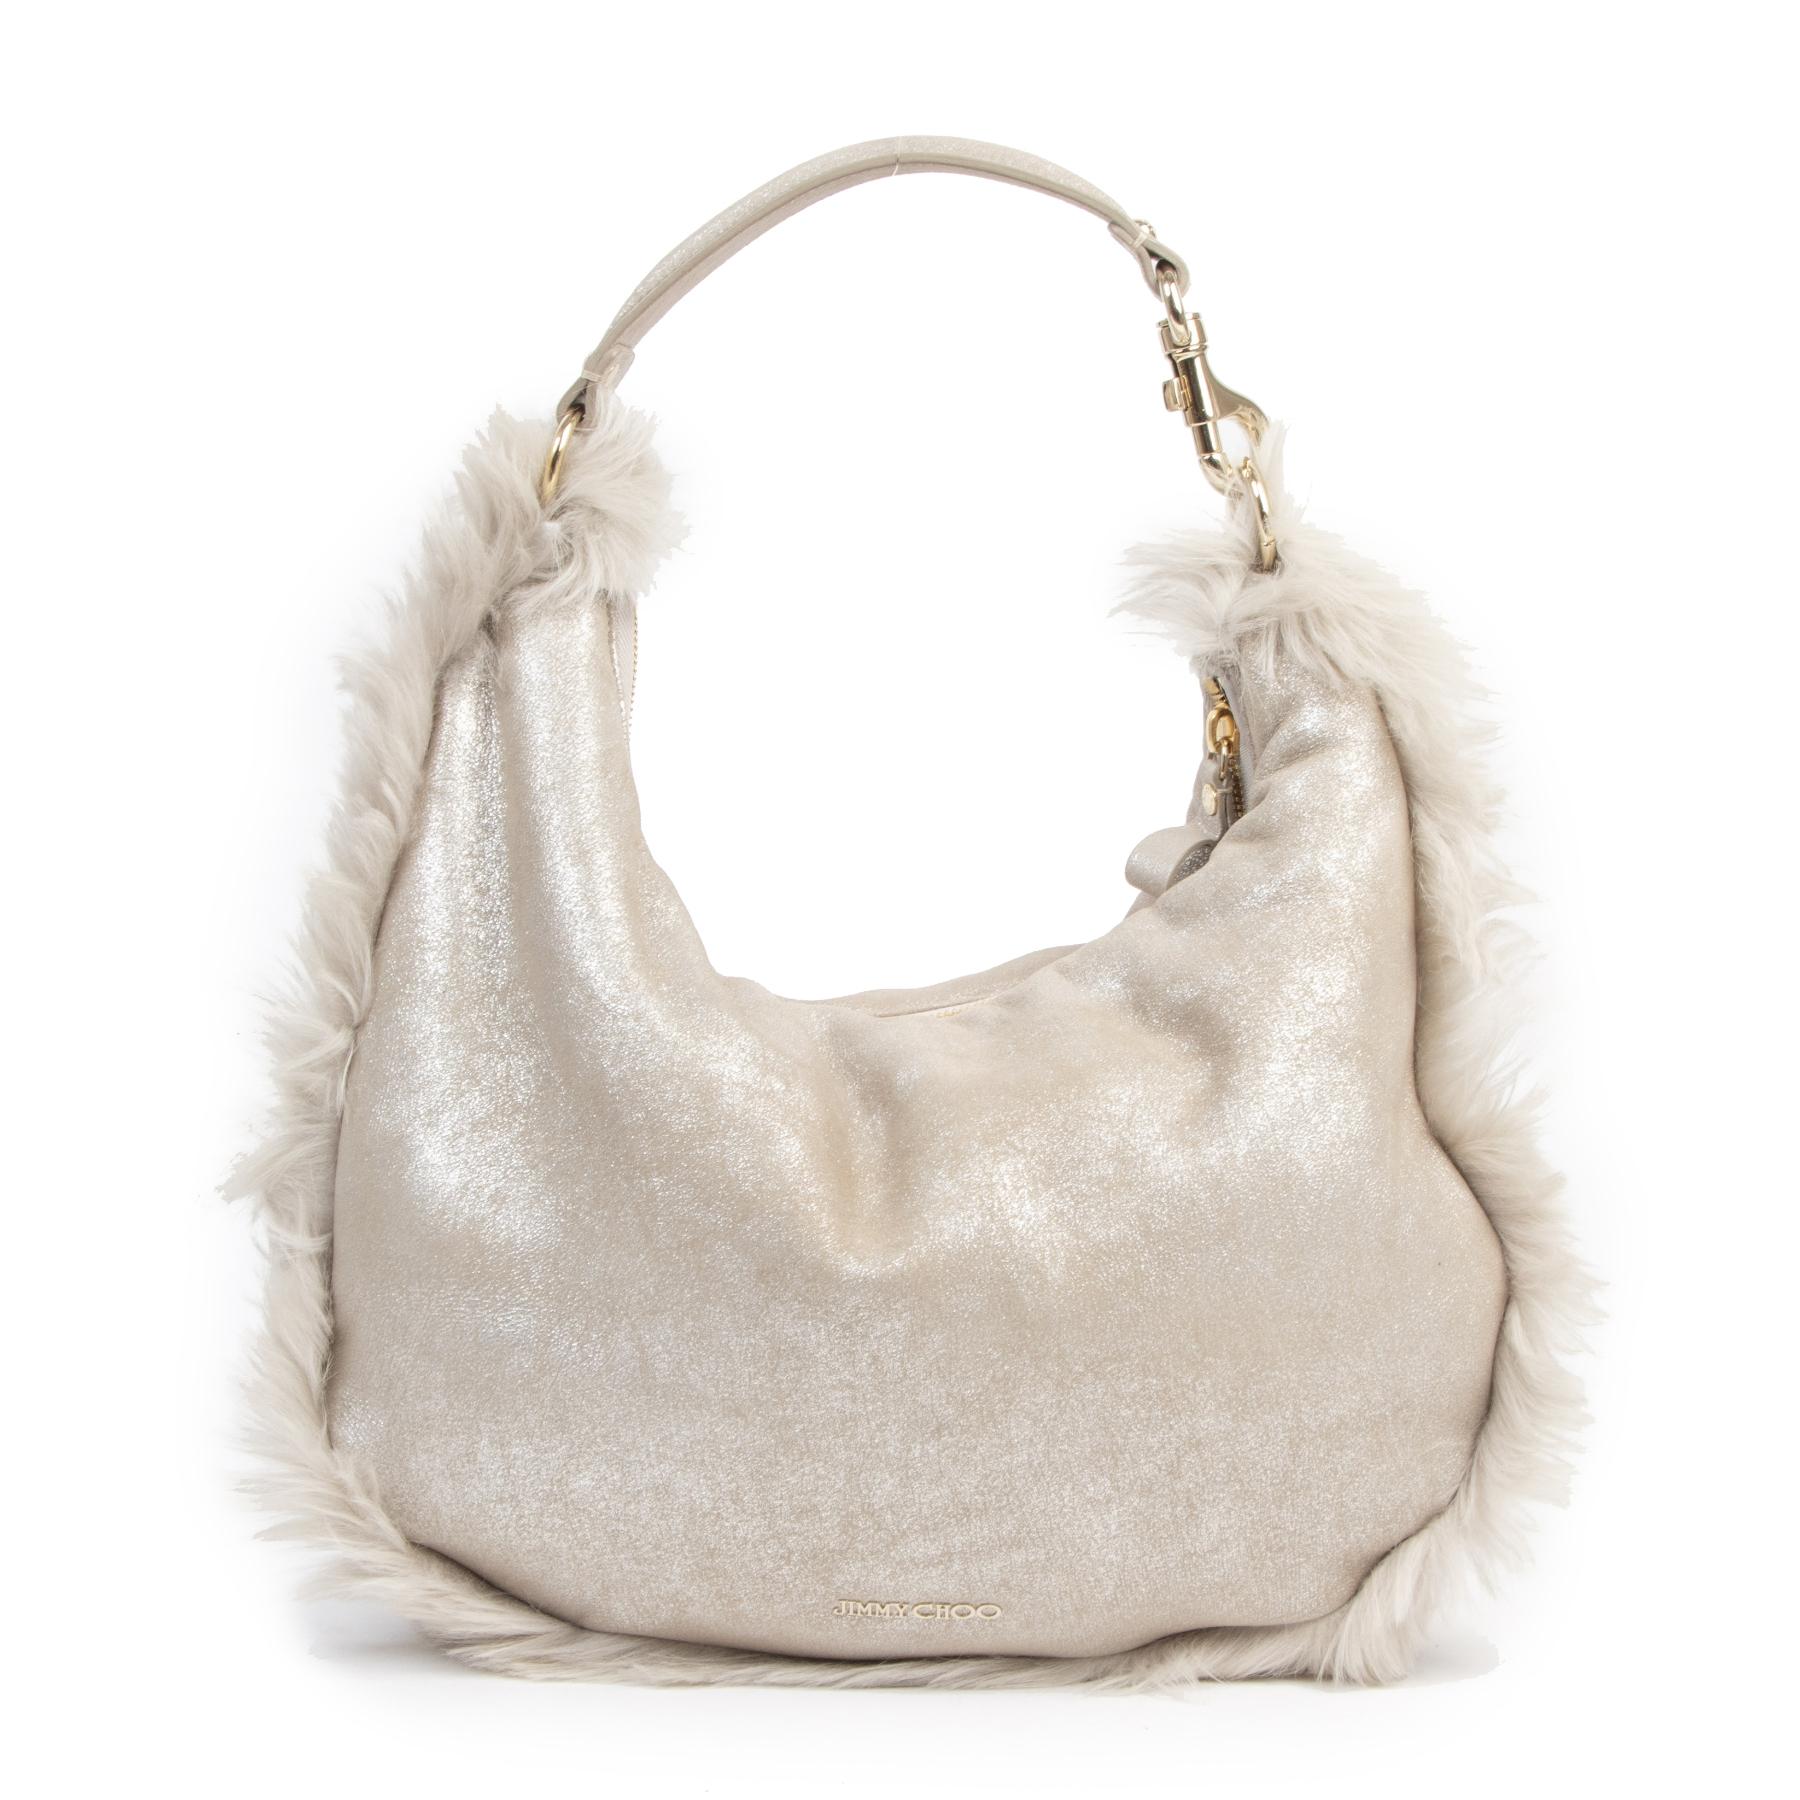 Authentieke Tweedehands Jimmy Choo Beige Leather Fur Hobo Bag juiste prijs veilig online shoppen luxe merken webshop winkelen Antwerpen België mode fashion